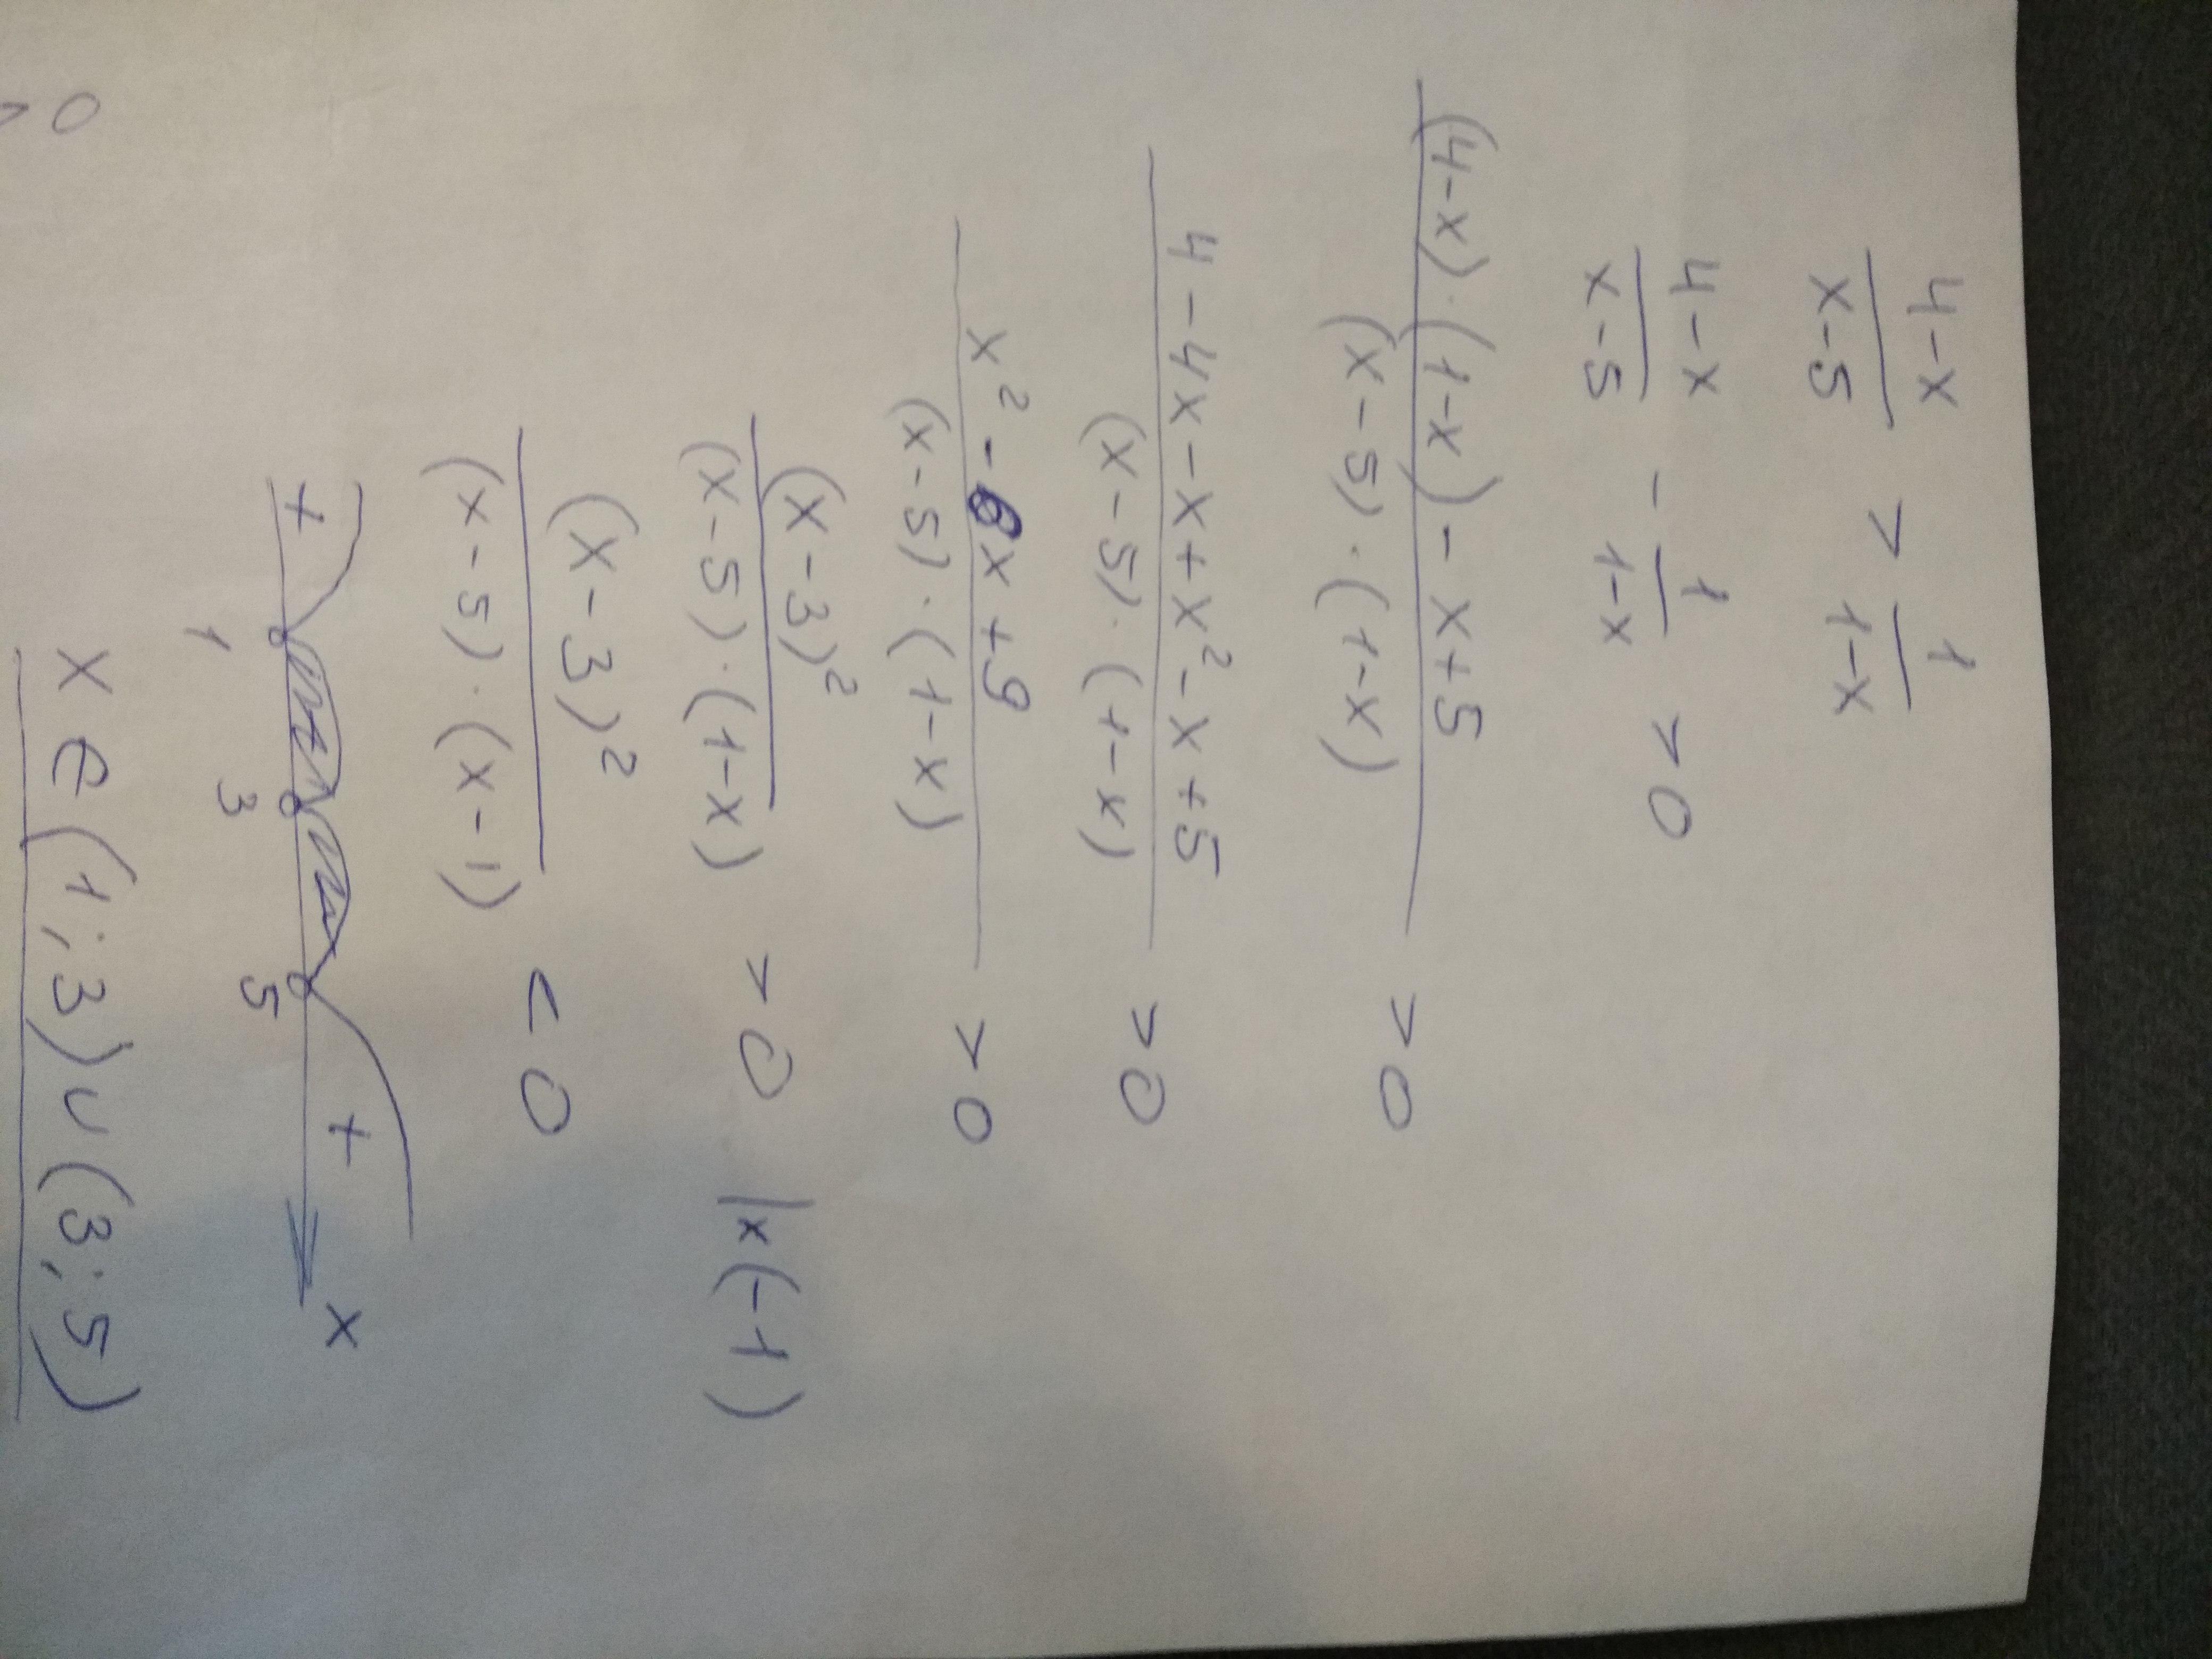 Решите неравенство срочно!!! 4-х/х-5> 1/1-x